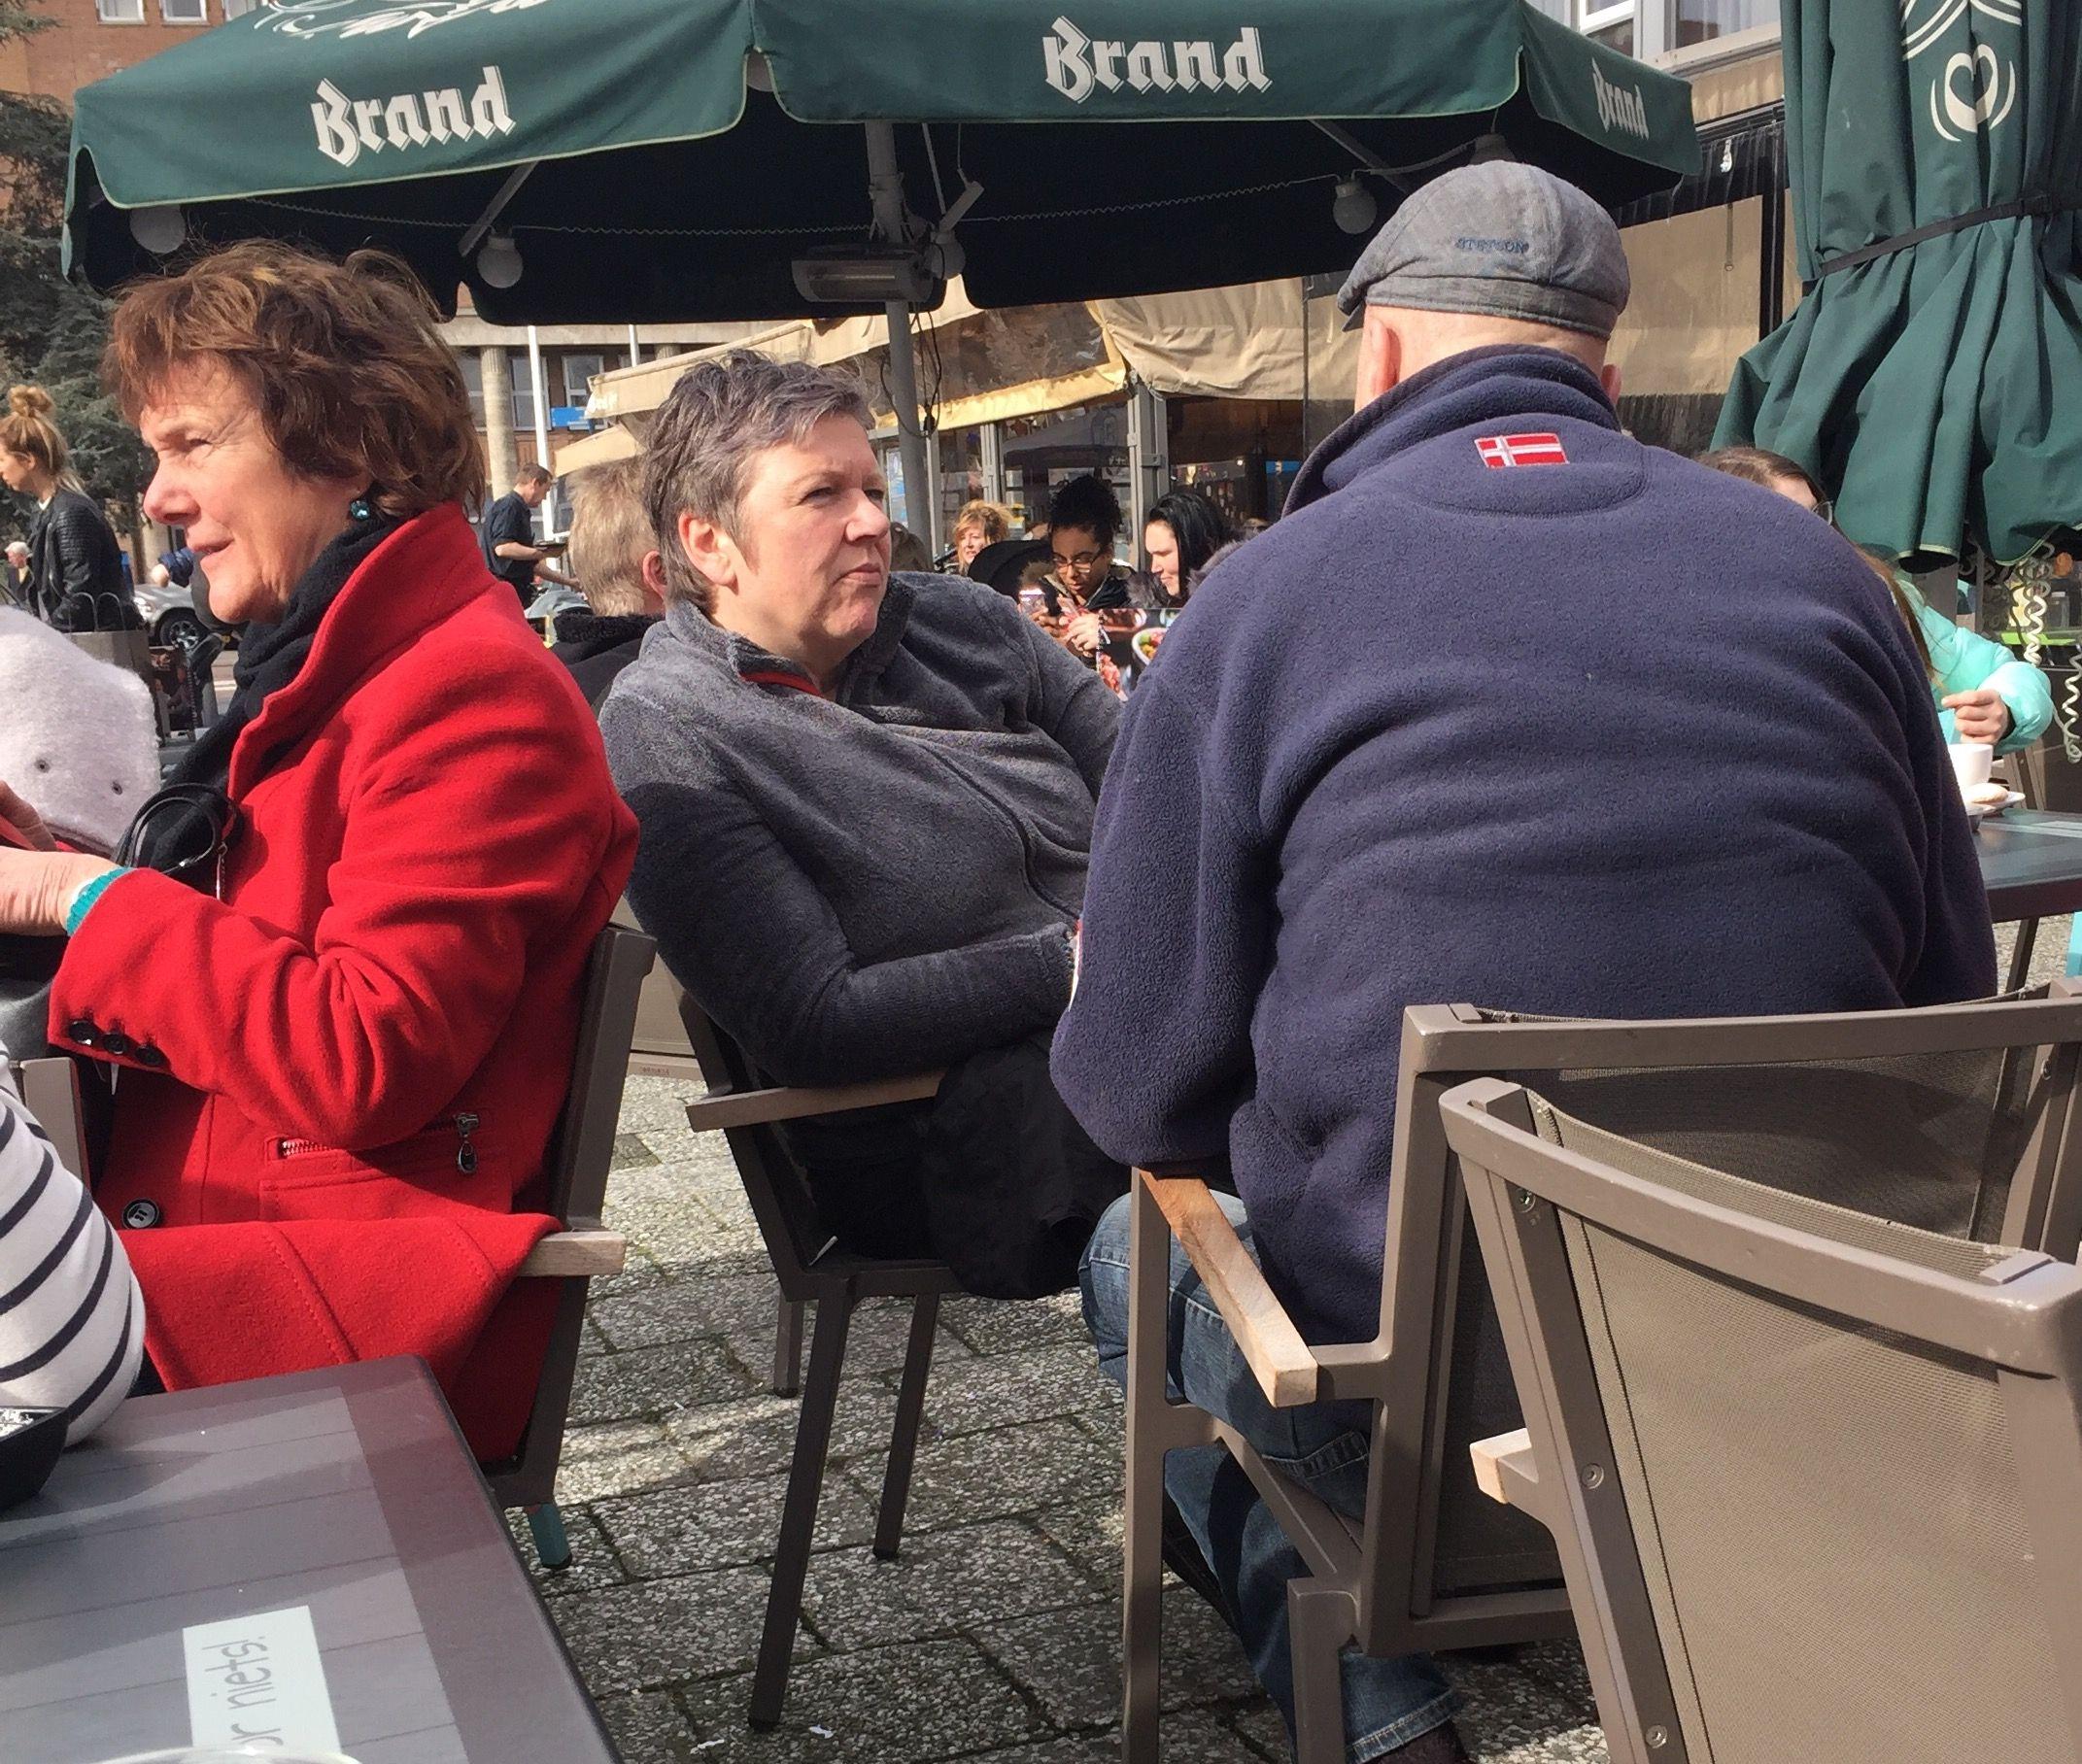 After... na de demonstratie #stilte op terras van #Stravinsky #Hengelo #ikstavoor zaterdag 4 maart 2017 (nog één te gaan: zaterdag 11 maart)